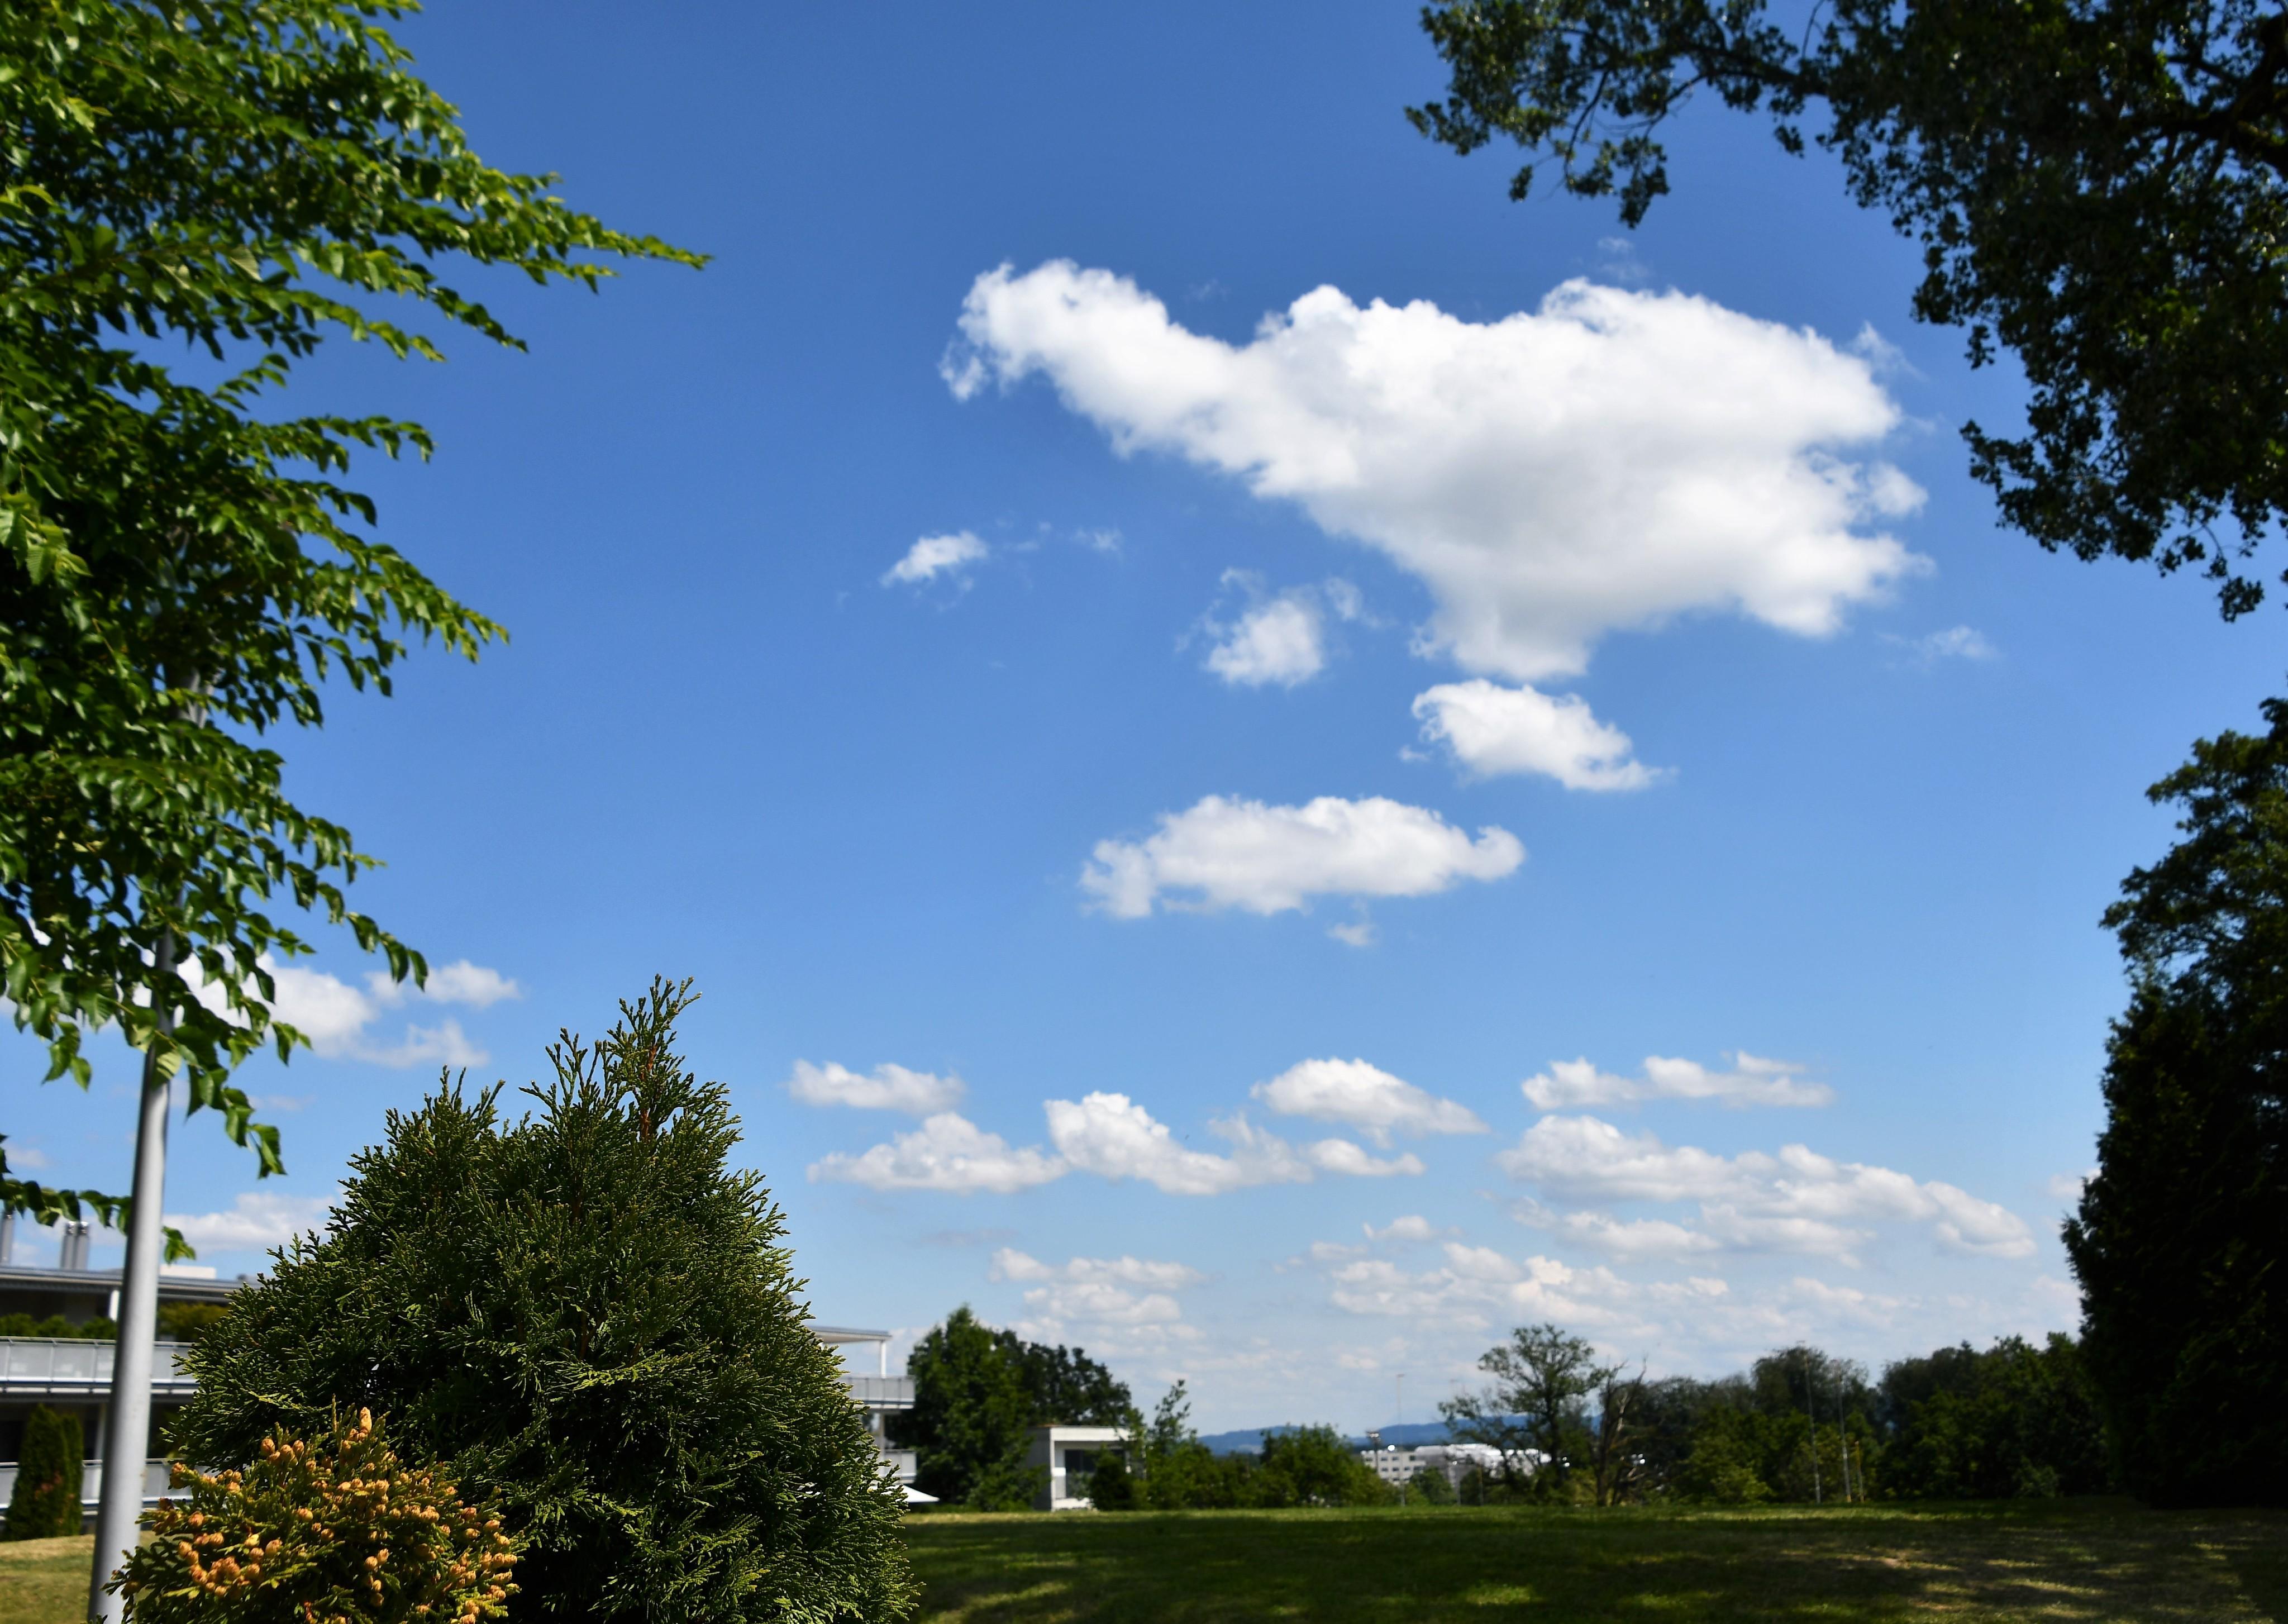 clouds-14.07-1